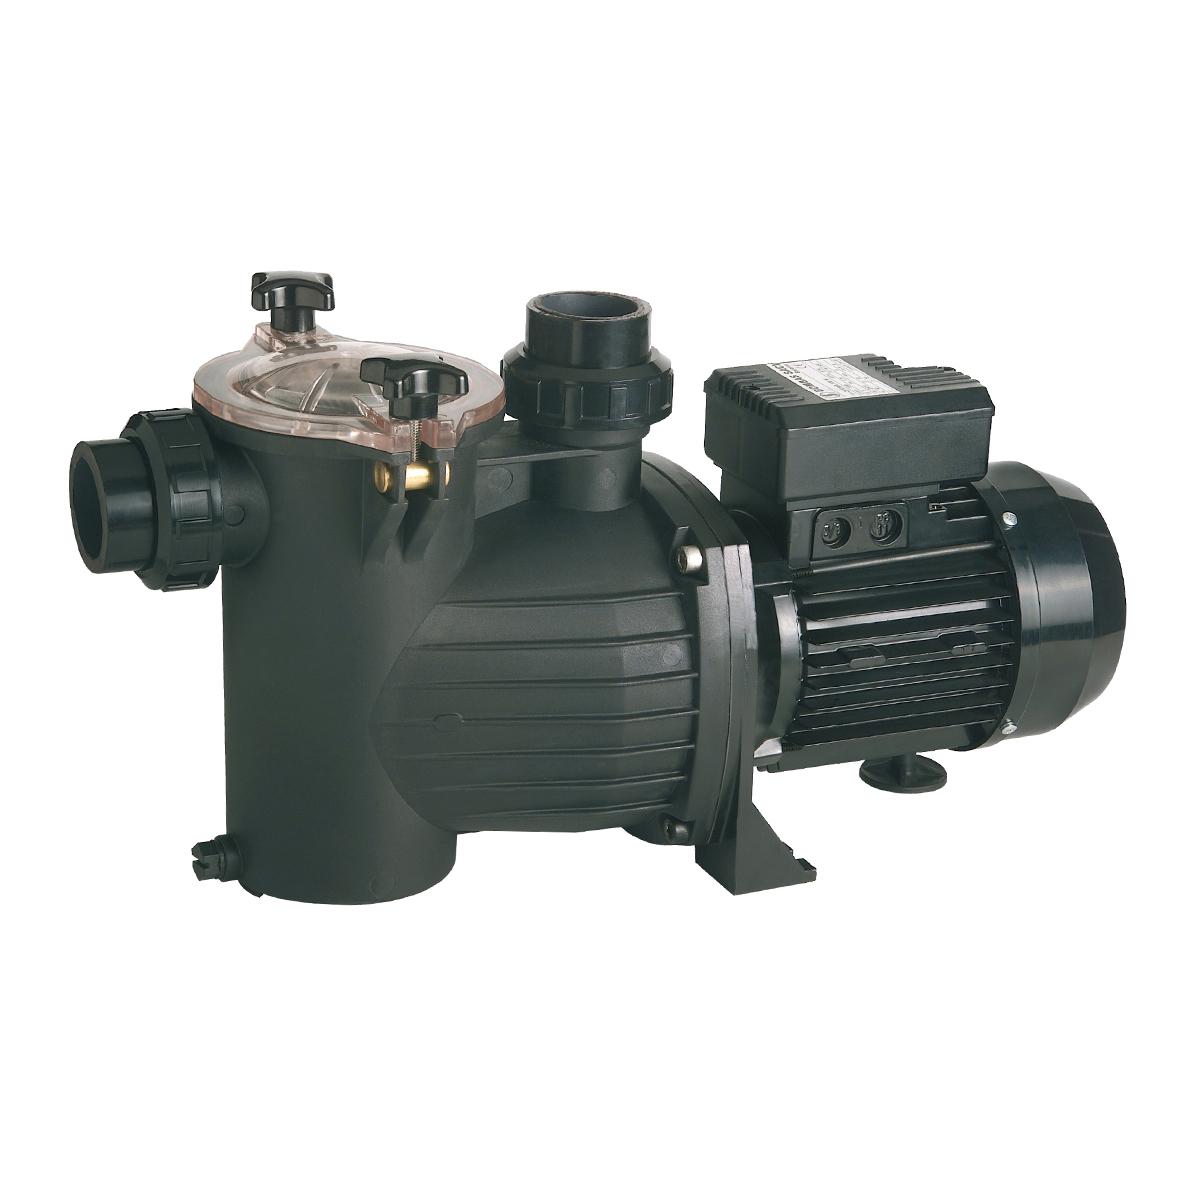 """Schwimmbadpumpe Smart M25 selbstansaugend Klebemuffe-Innengewinde d50-1 1/2"""" 6m³/h 230V mit Vorfilter Schwimmbadpumpe Smart M25 selbstansaugend Klebemuffe-Innengewinde d50-1 1/2"""" 6m³/h 230V mit Vorfilter"""